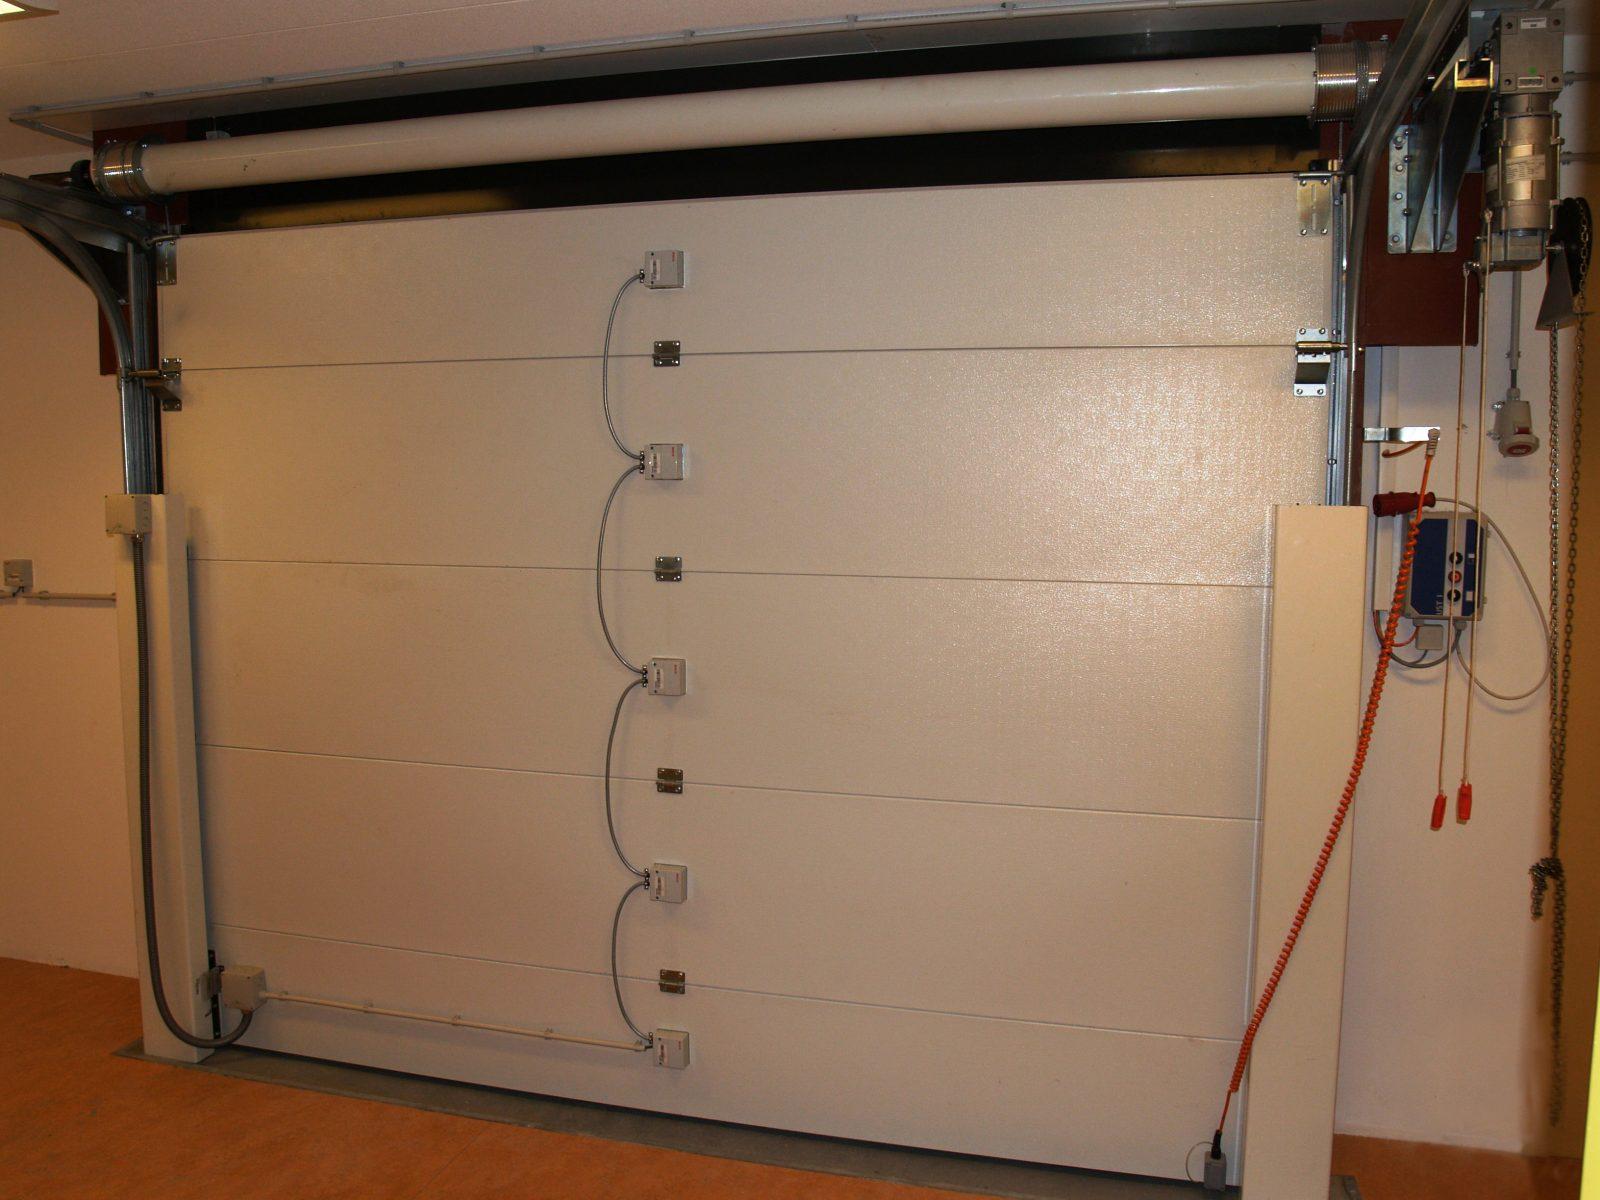 Security in doors - Burglary resistance - Protec Industrial Doors & Burglar resistant overhead doors - Protec Industrial Doors